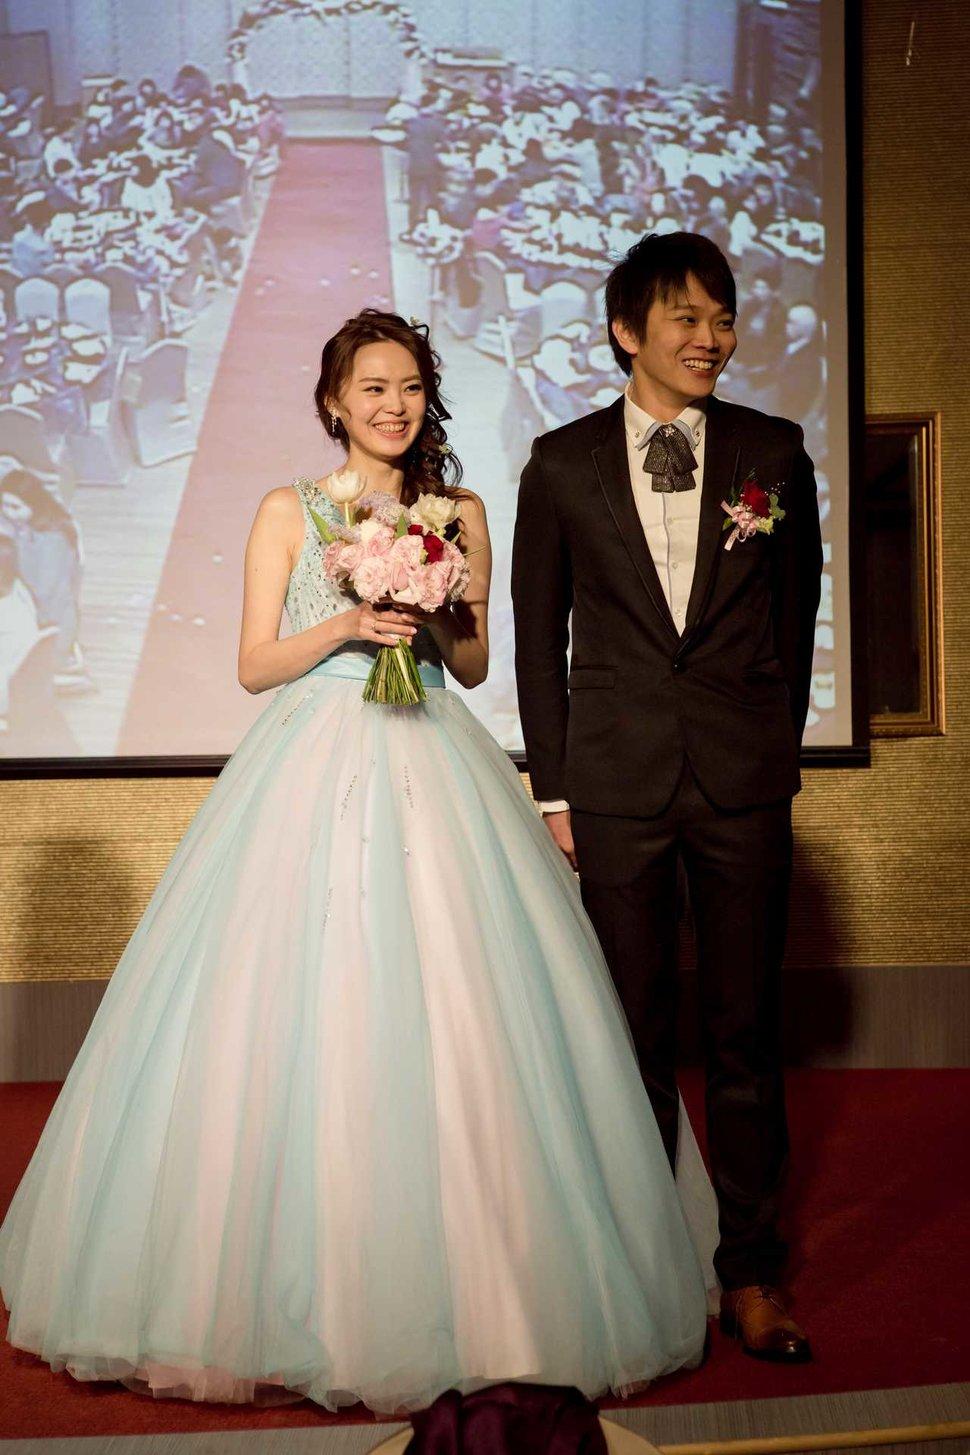 婚攝勞力士-婚攝幸福婚攝 - 婚攝Rolex-台南婚攝勞力士《結婚吧》